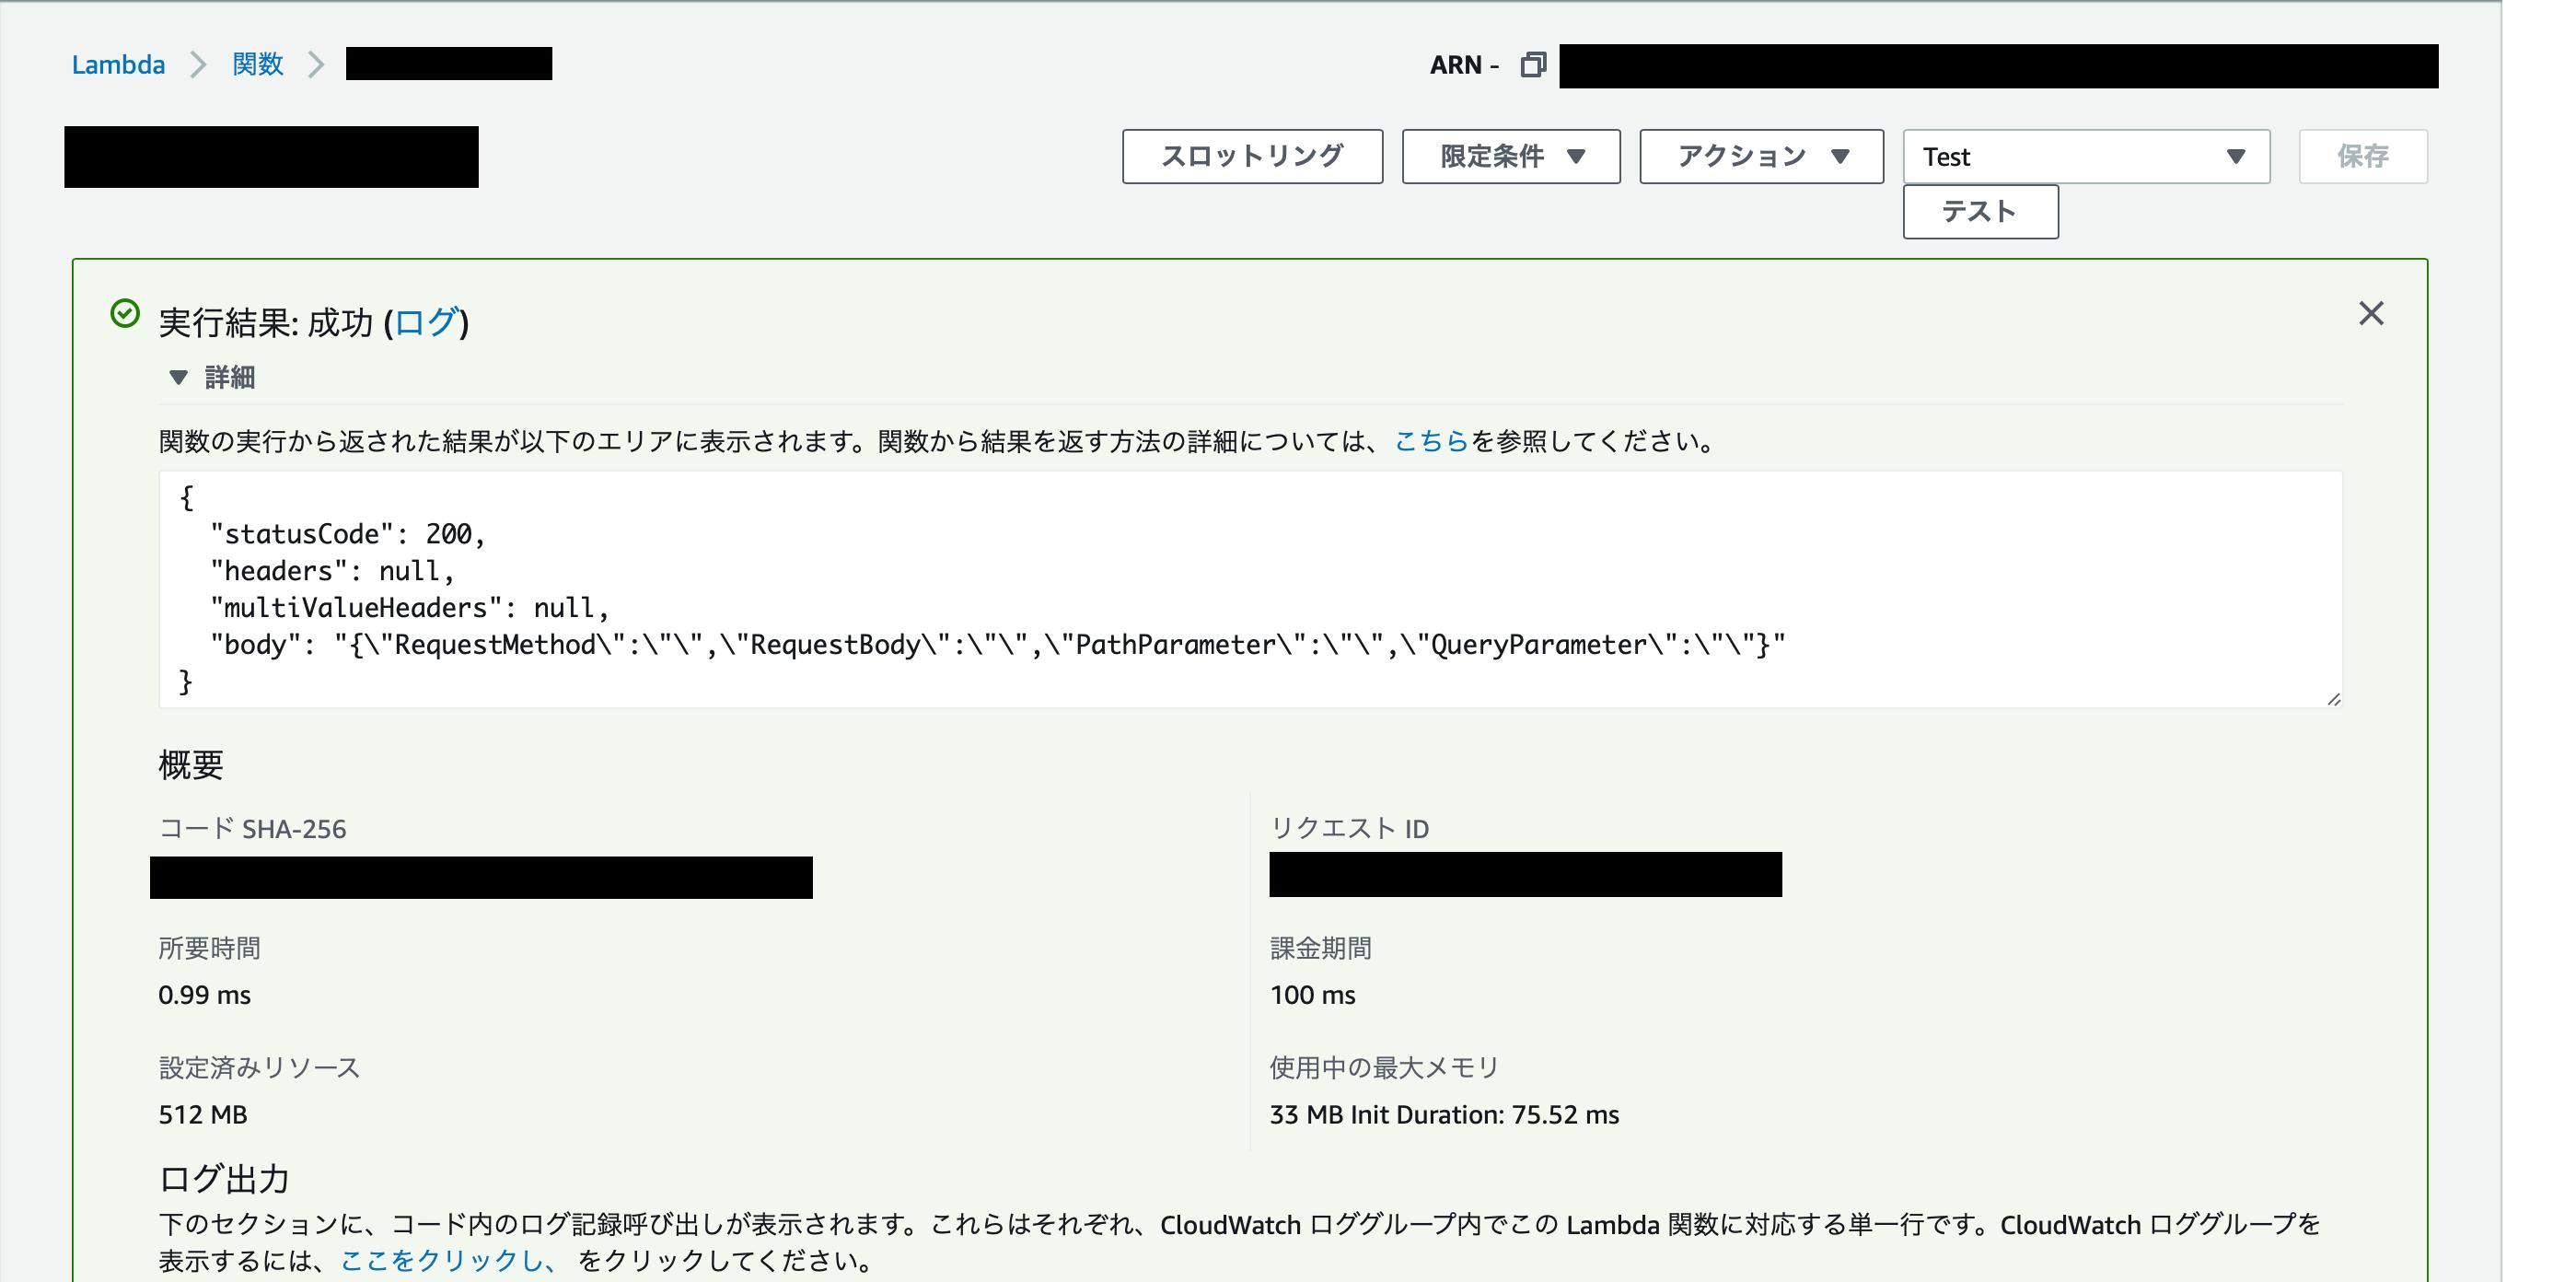 スクリーンショット 2020-08-01 14.33.50.png